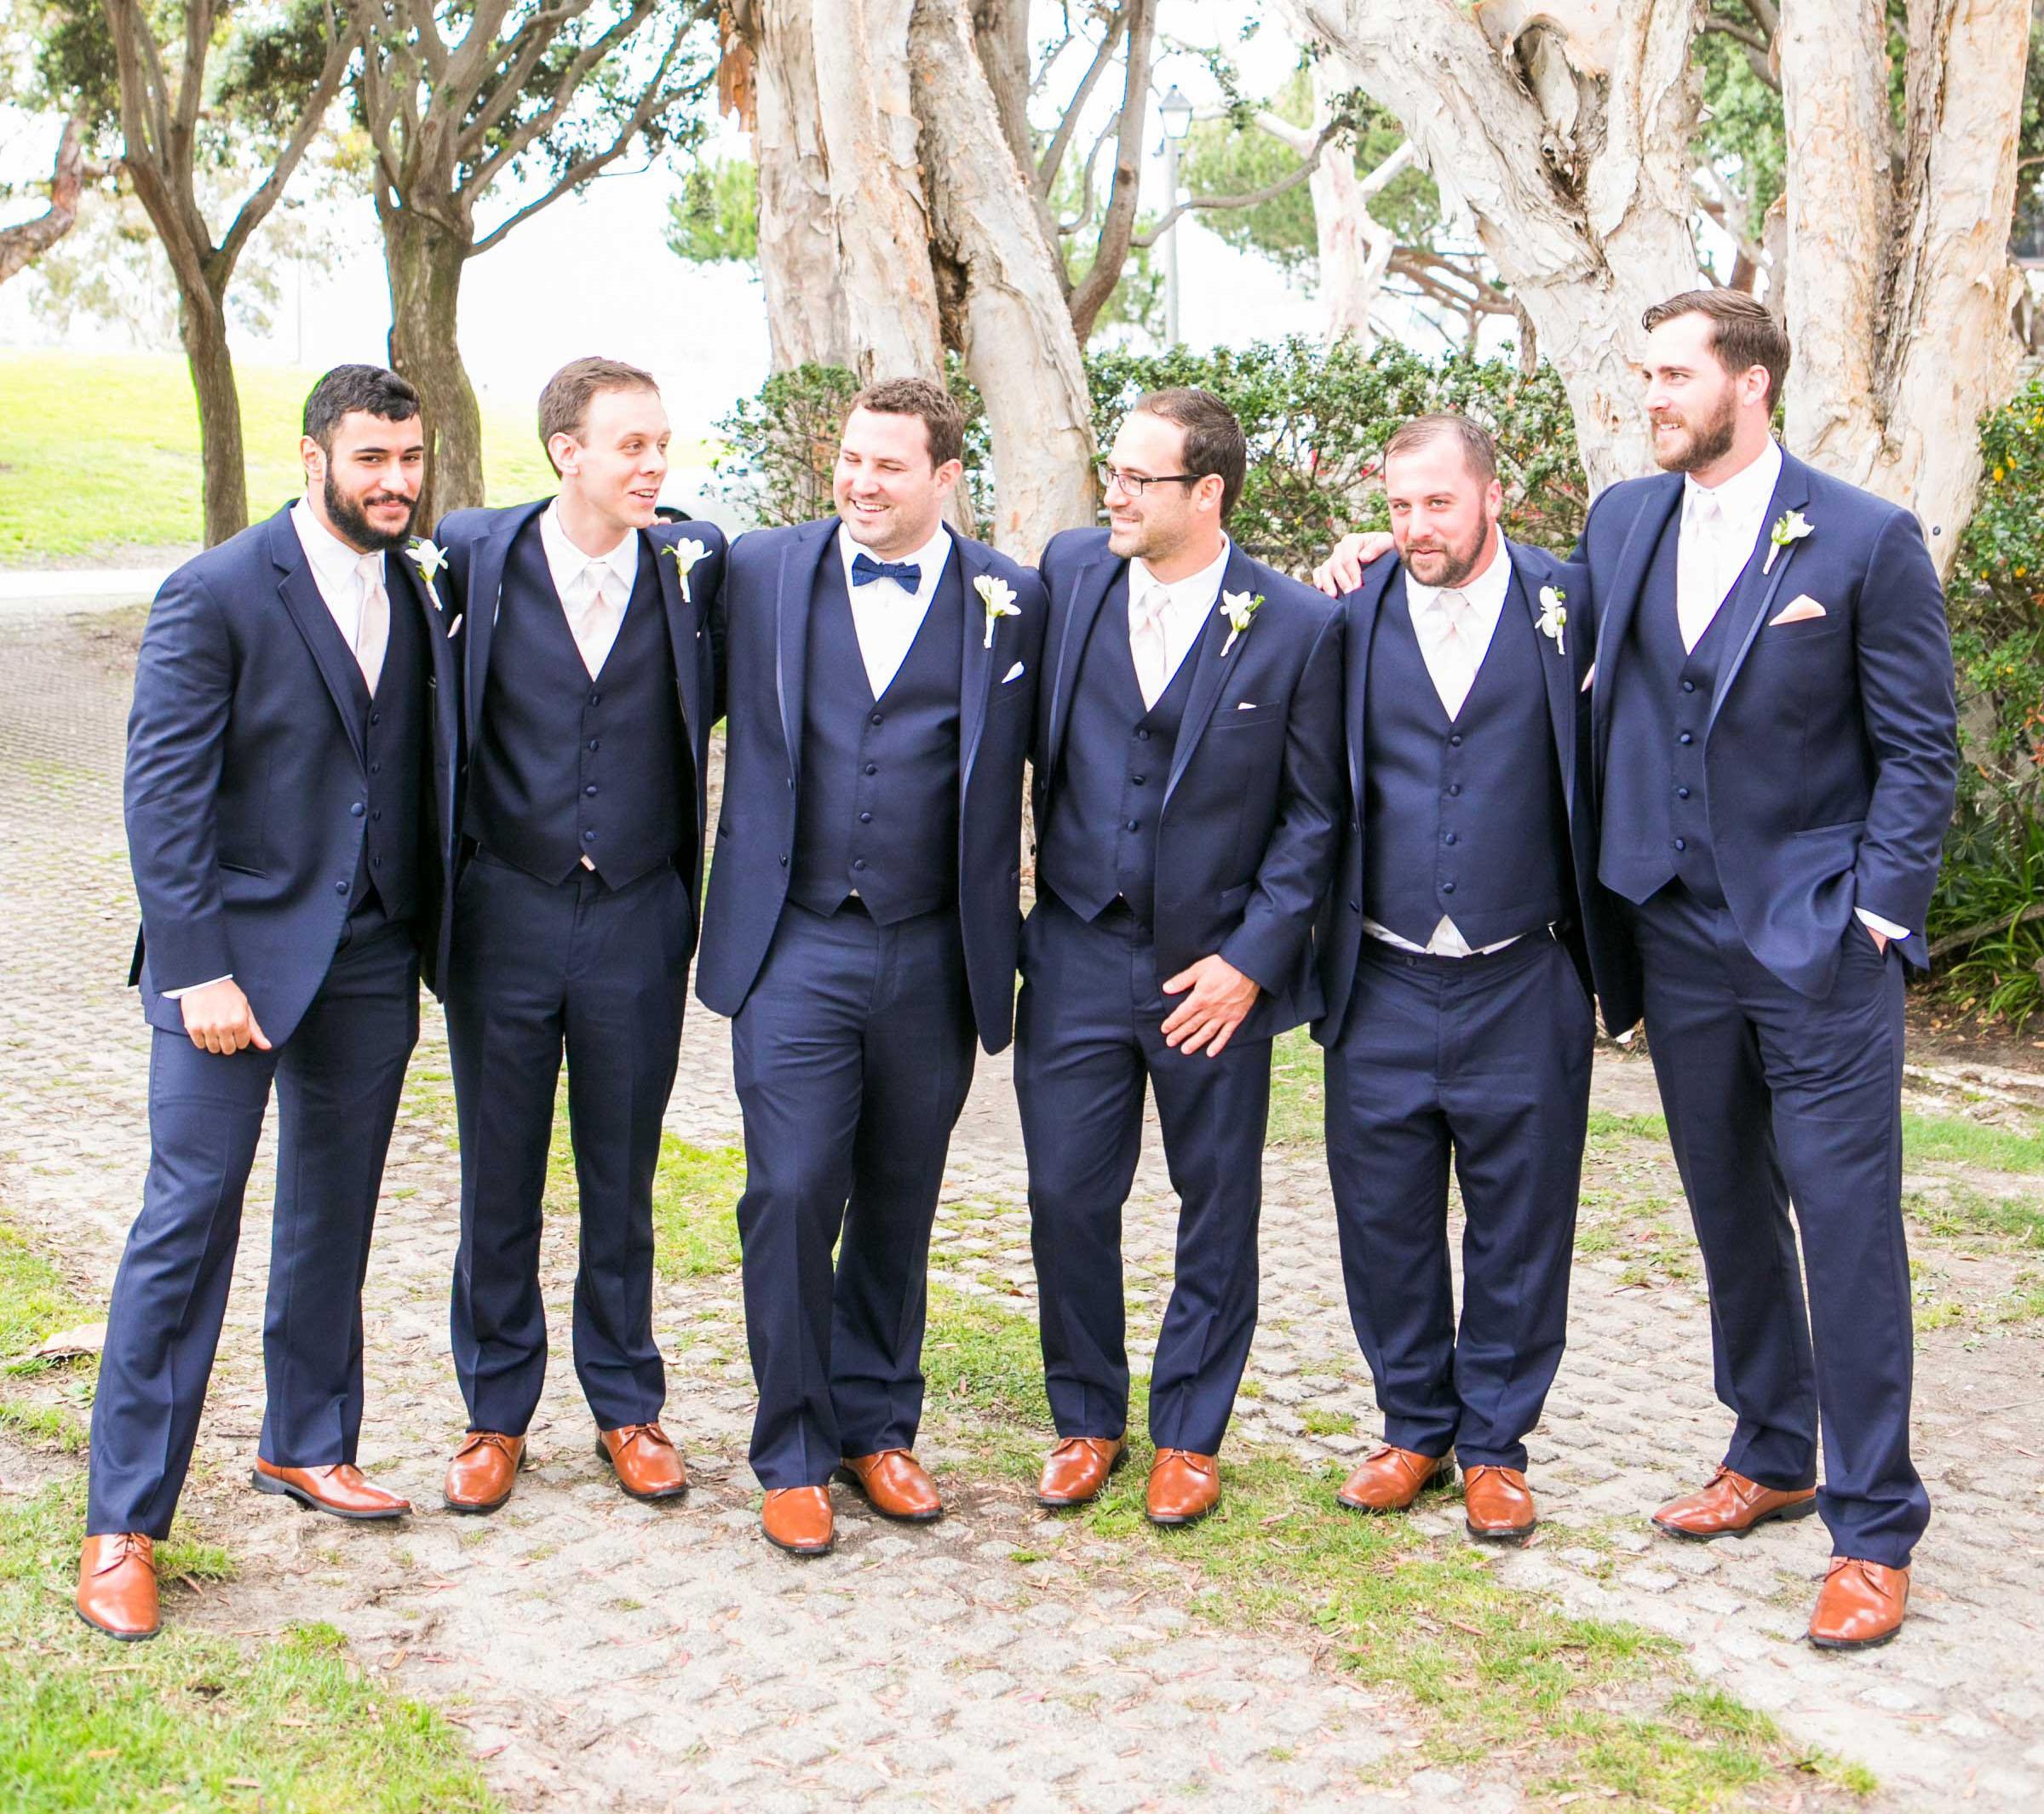 bryce harper wedding groom inspiration navy suit